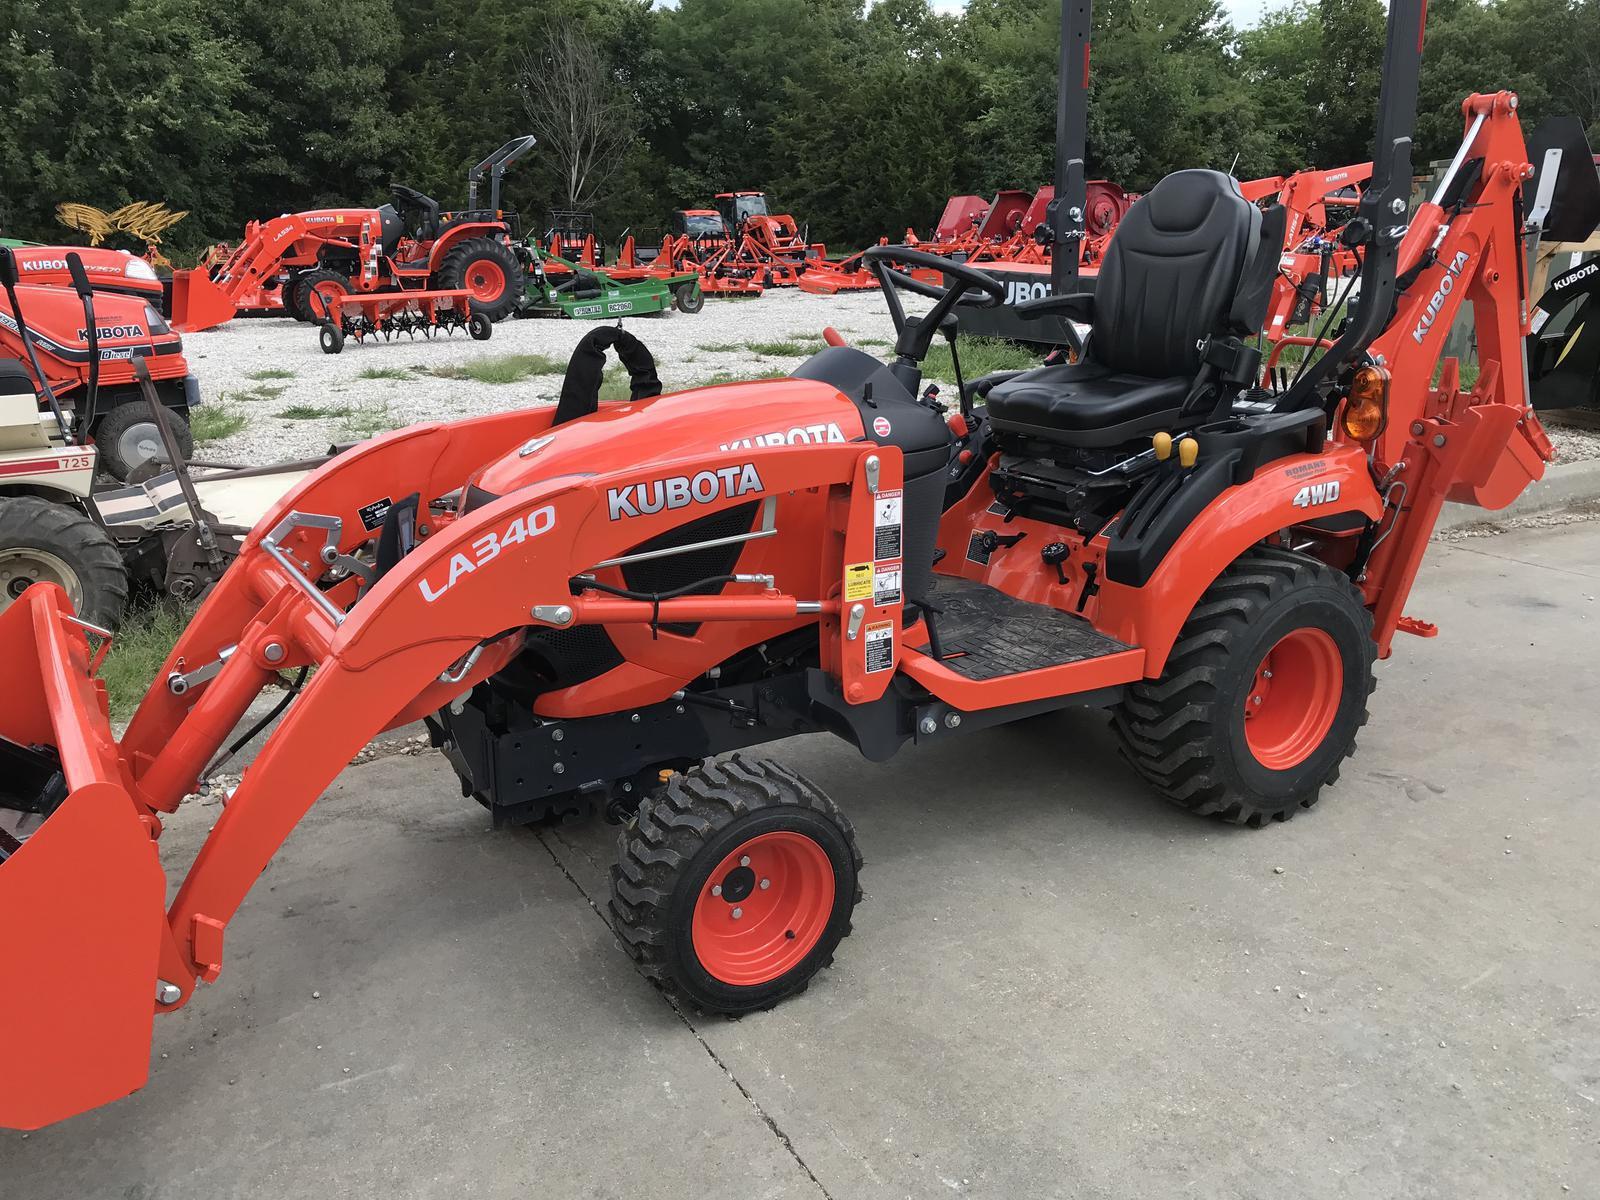 2019 Kubota BX23S - Tractor Loader Backhoe